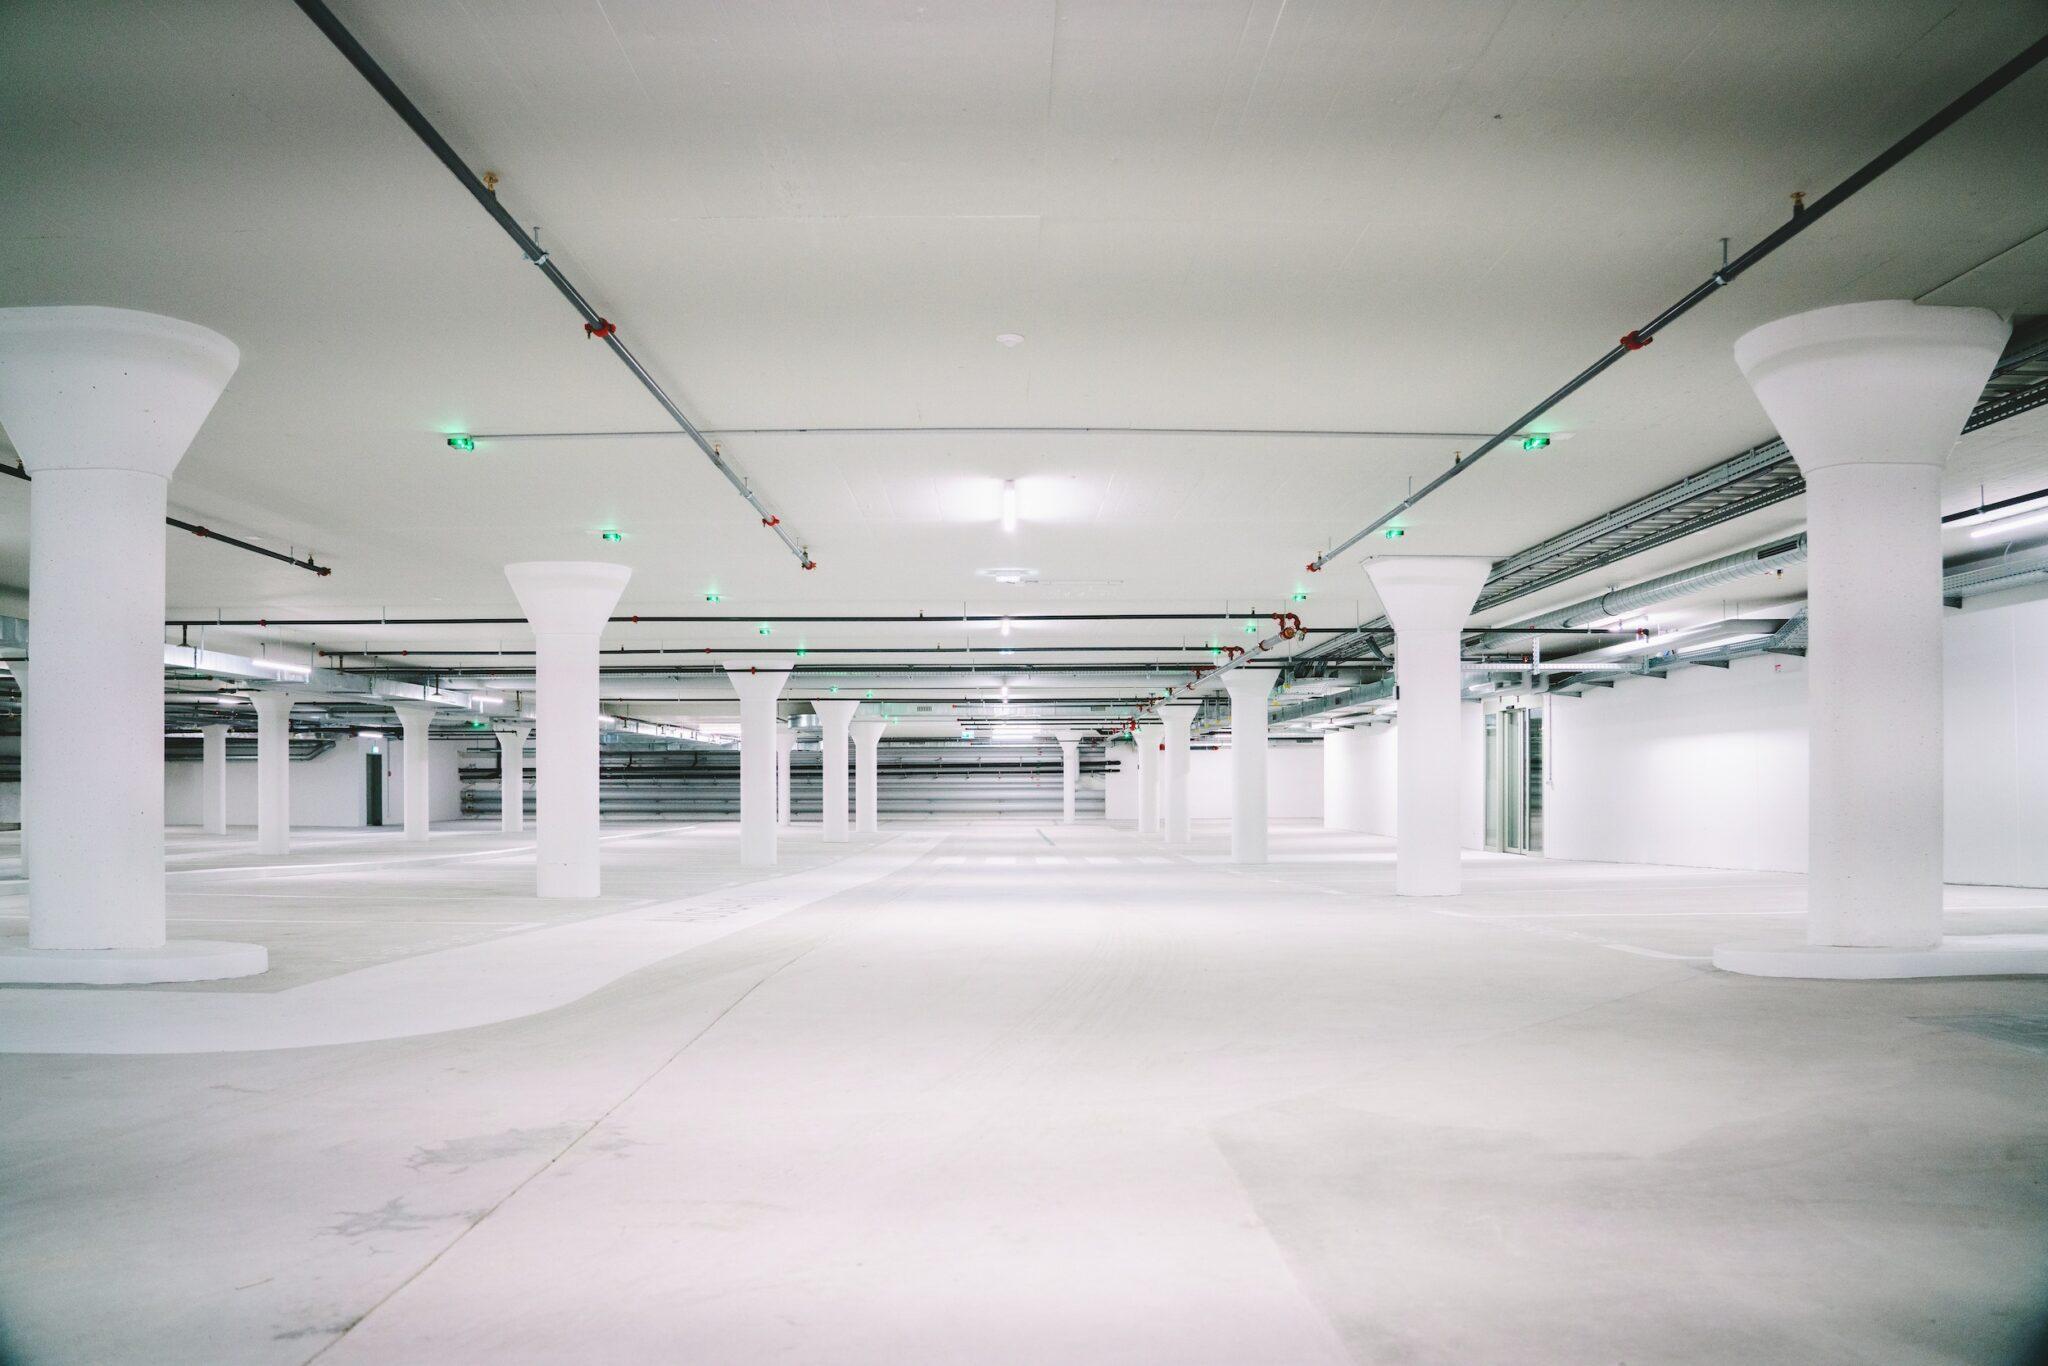 System parkingowe – jak to działa i czy warto?